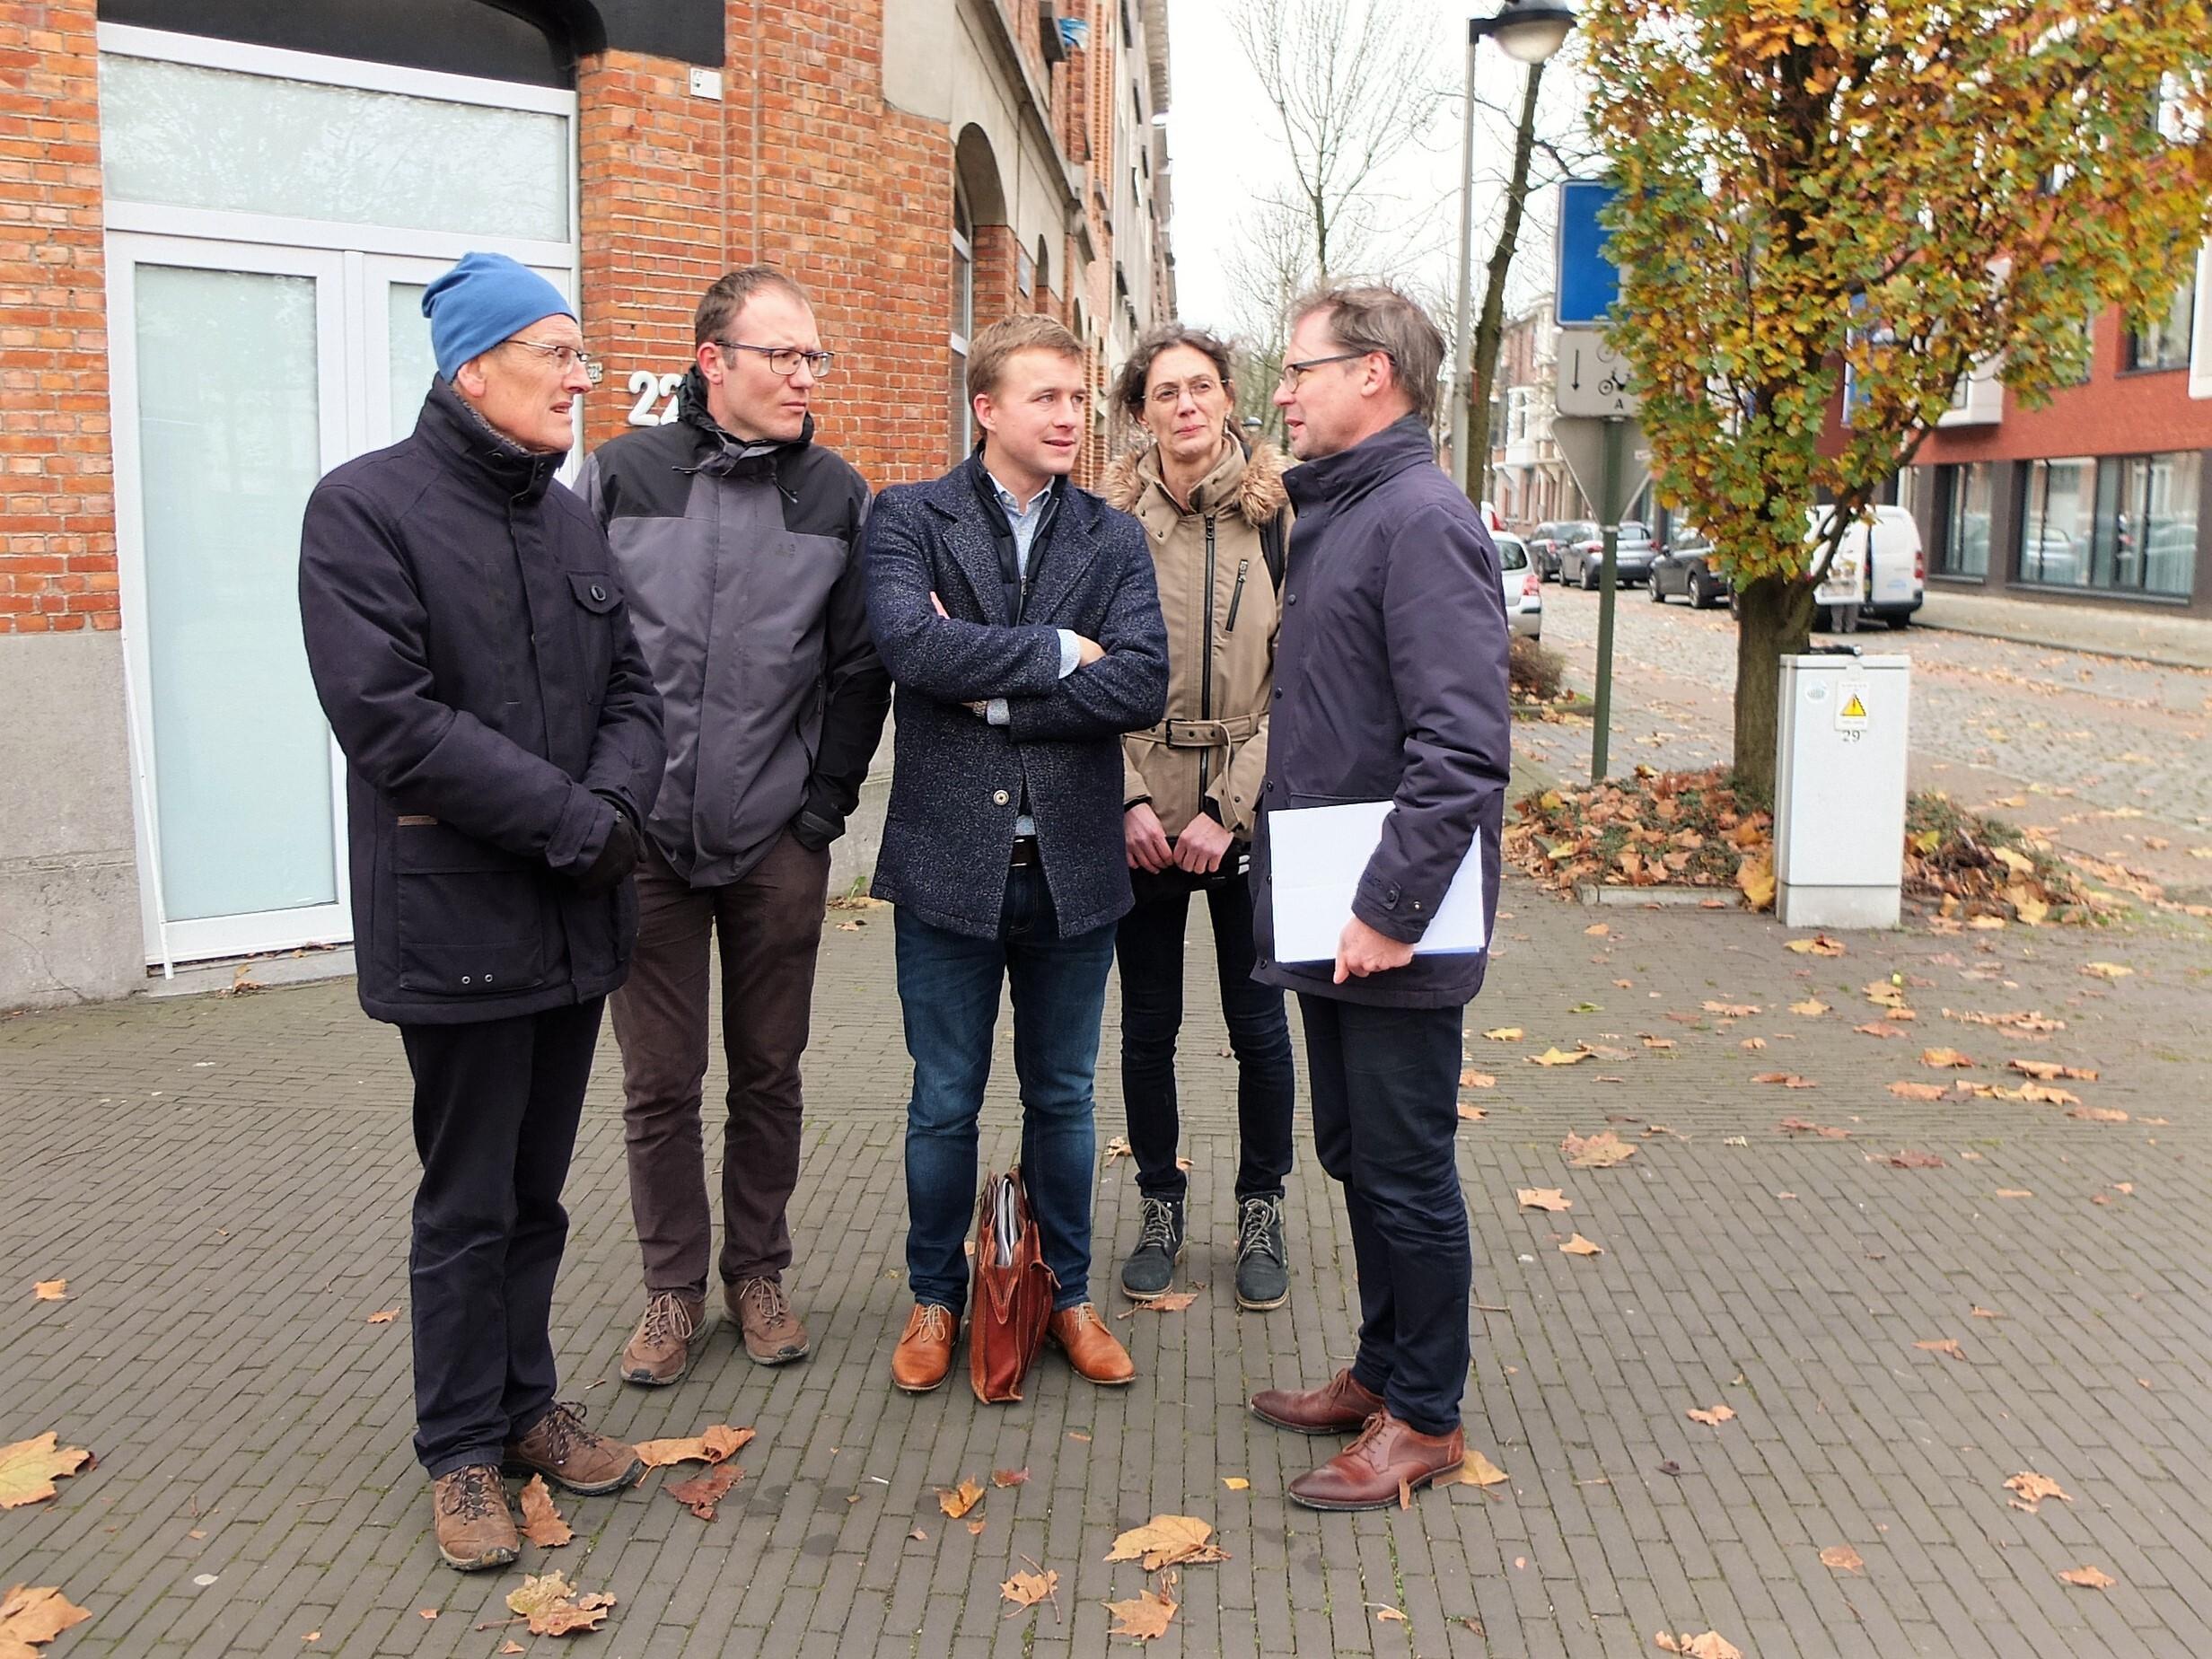 Vlnr: Arnold Van Hove (ZuidtrAnt), Geert Van den Berge (Ecopower), Hartwin Leen (Kelvin Solutions), Karen Feyen (ZuidtrAnt) en Wim Winckelmans van De Standaard